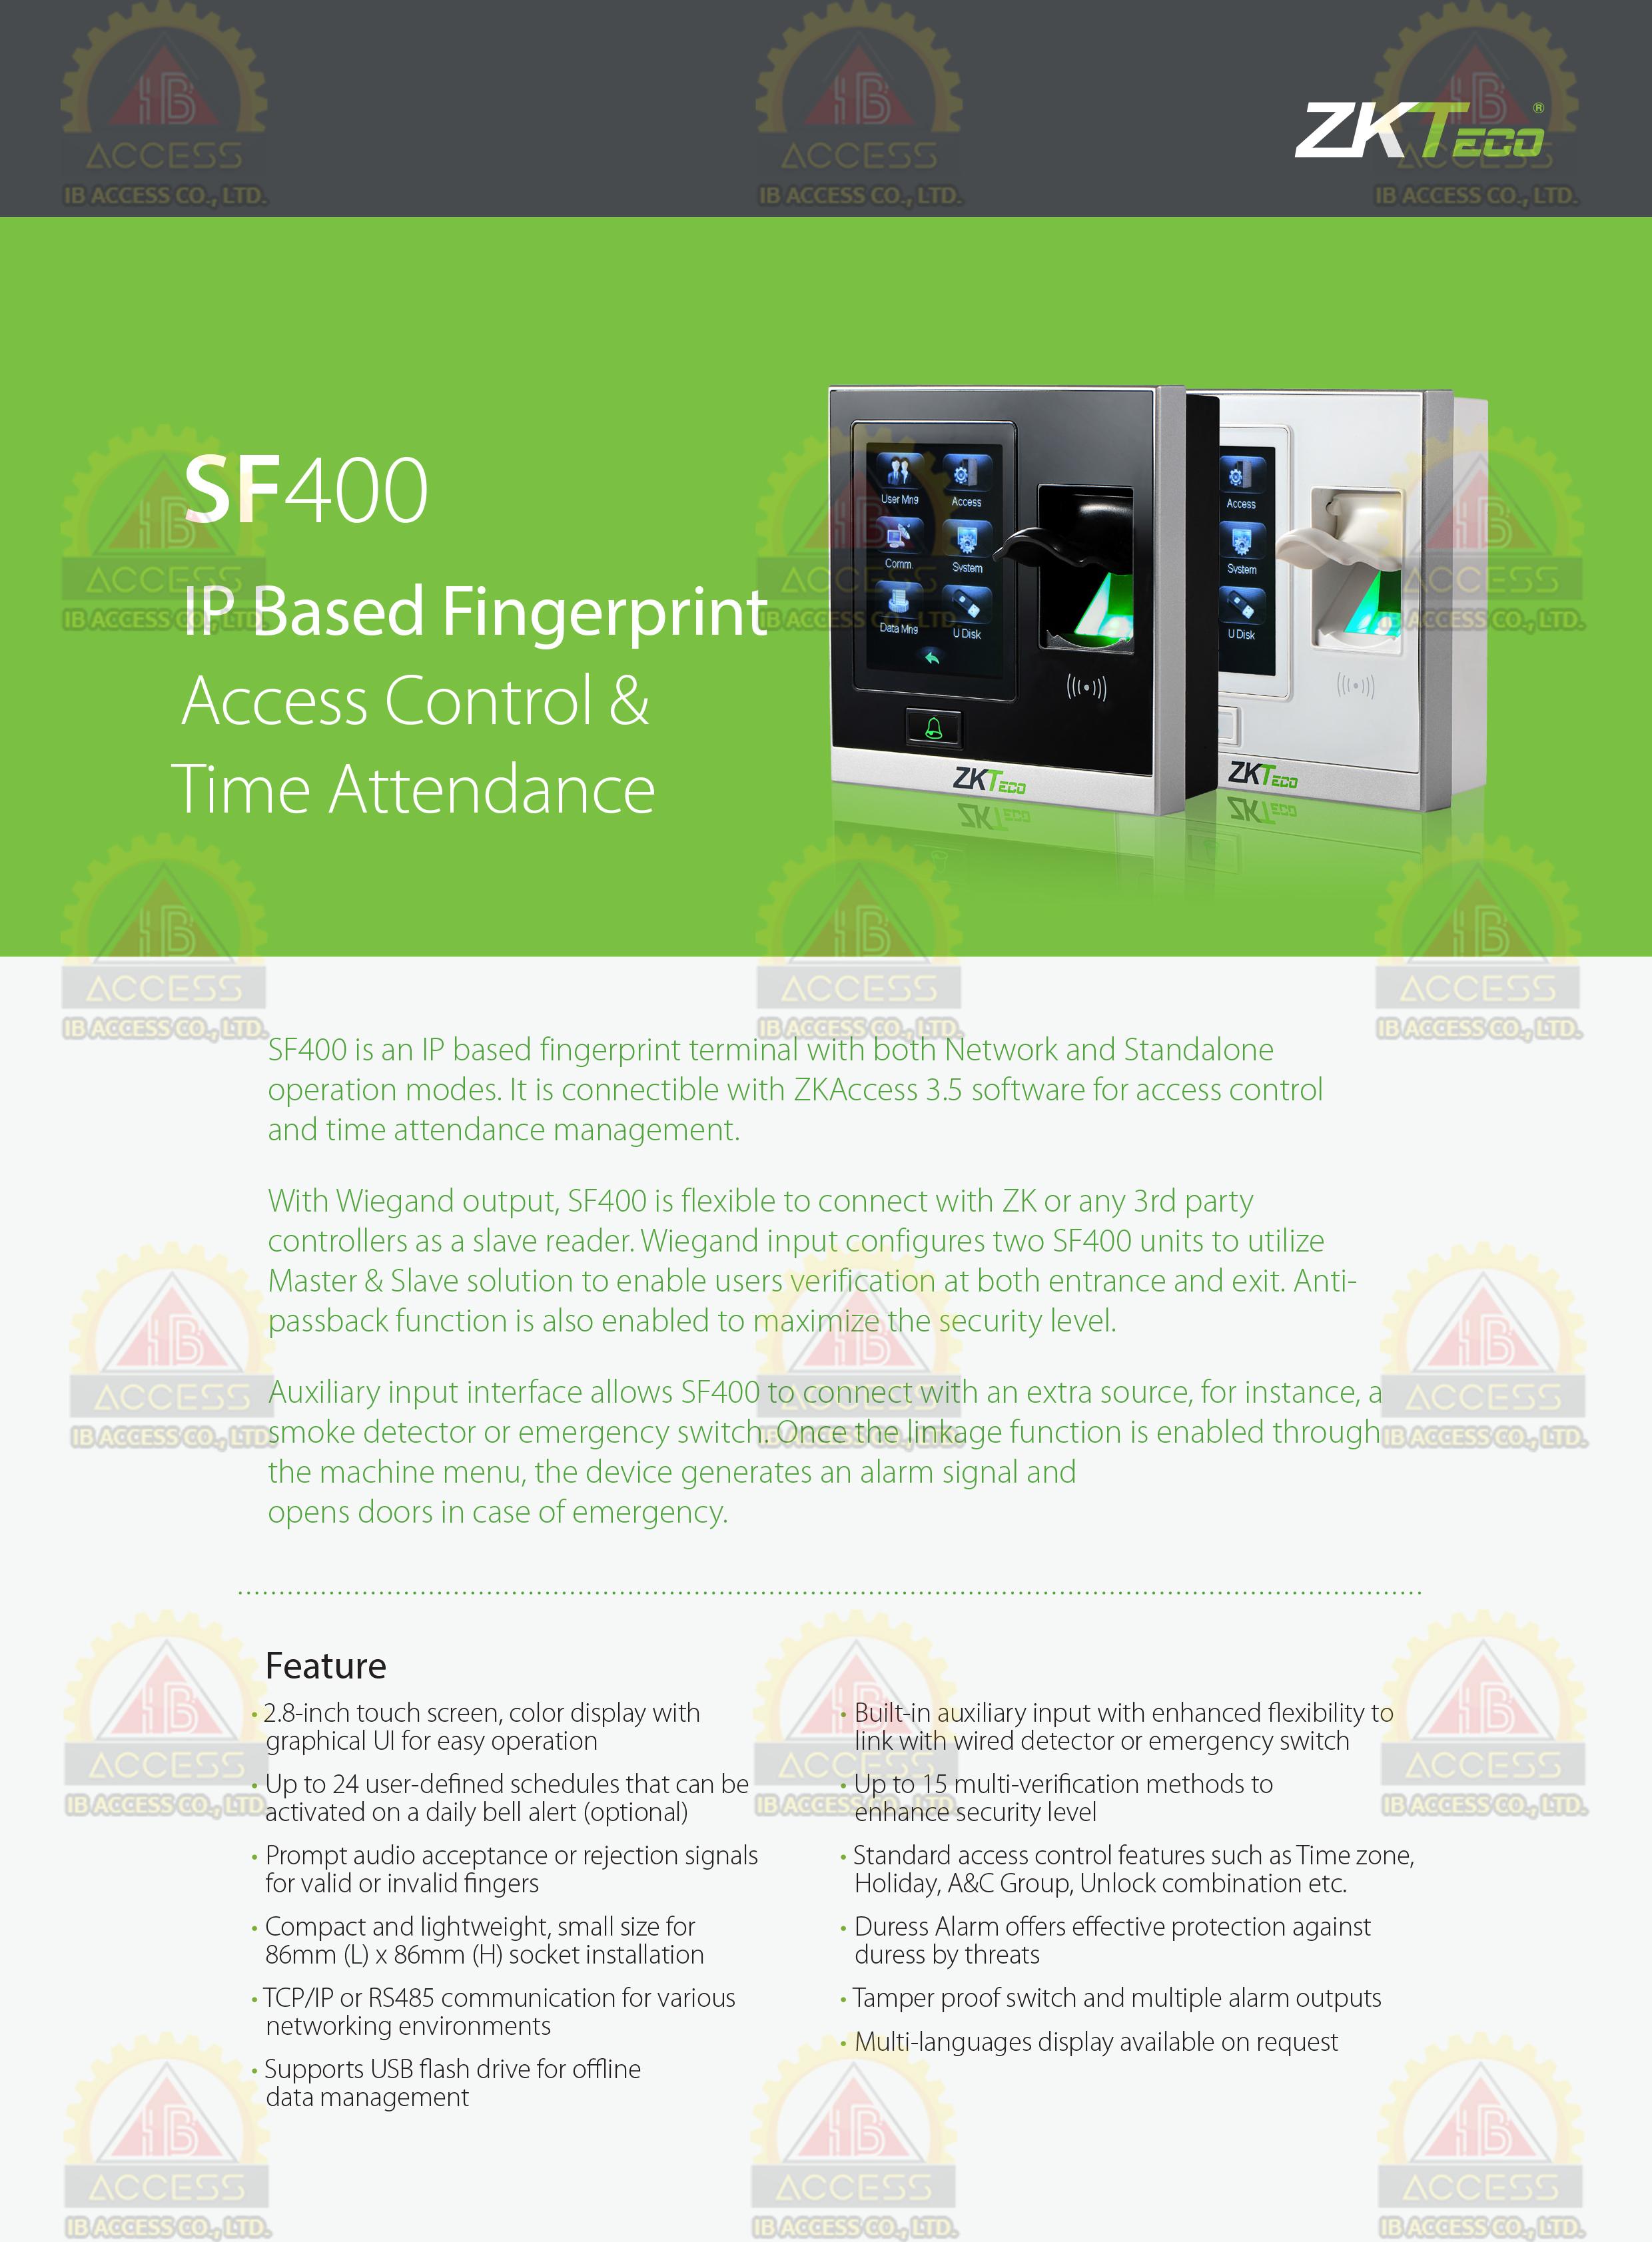 เครื่องสแกนลายนิ้วมือ ยี่ห้อ ZKTeco รุ่น SF400/ID รองรับระบบ Access Control